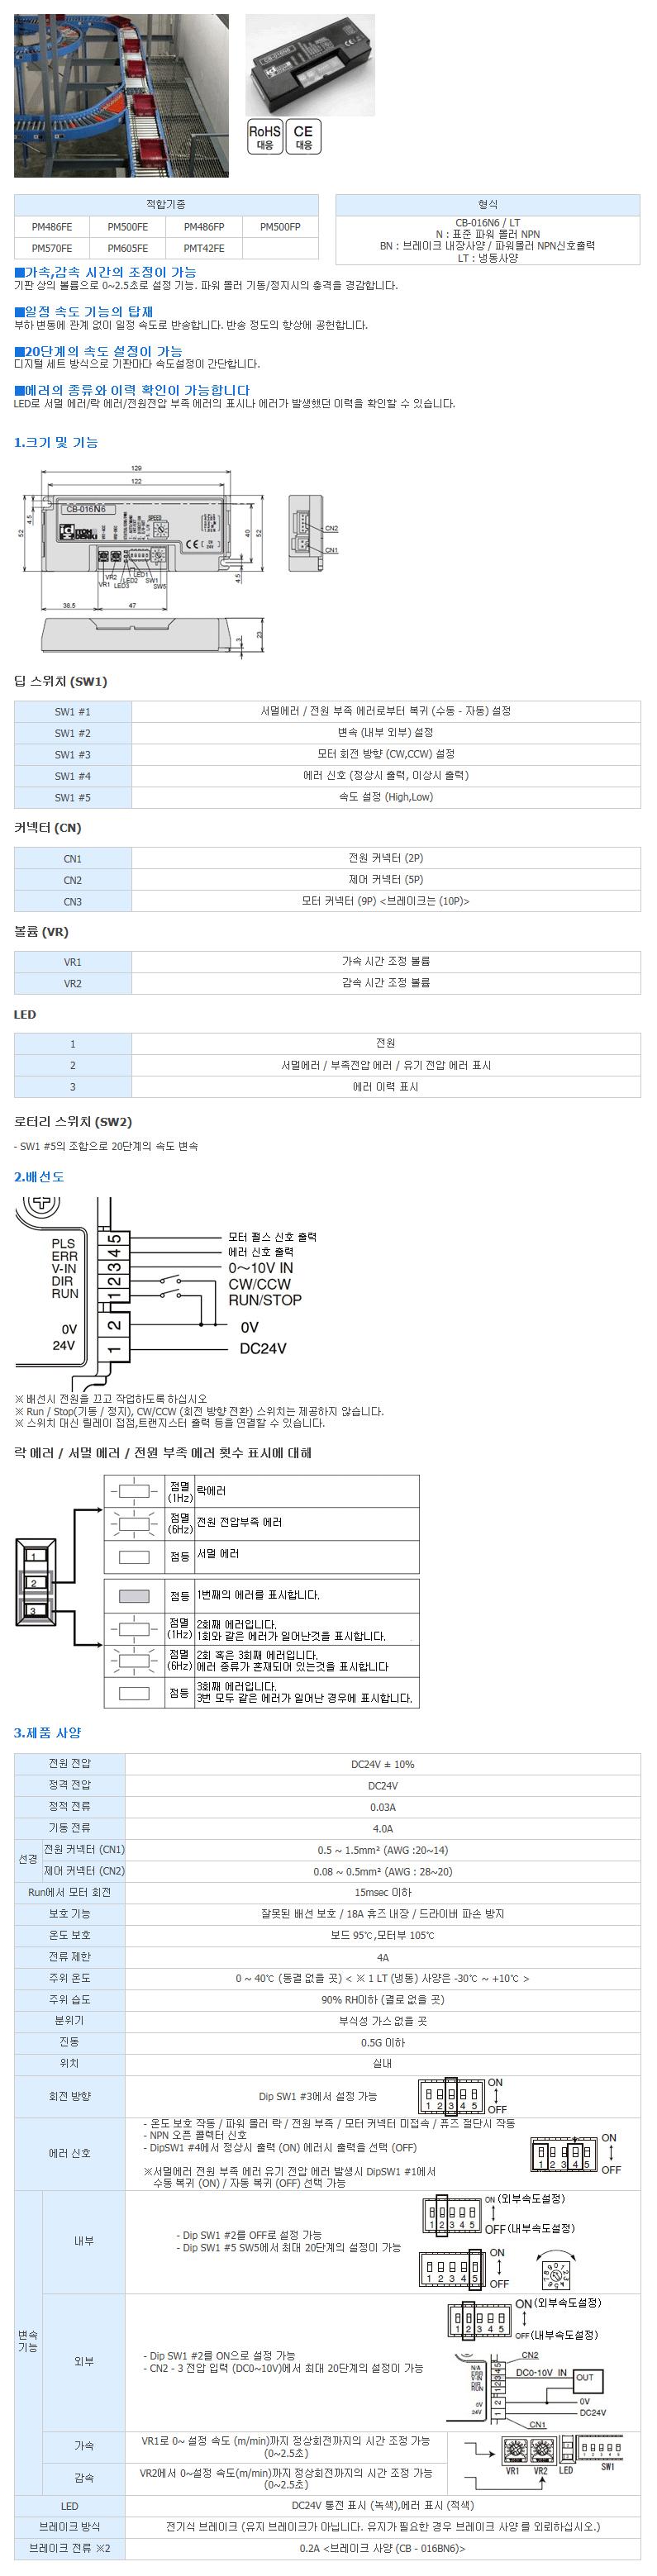 (주)은현산업 MDR전용 스탠더드 드라이버 CB-016